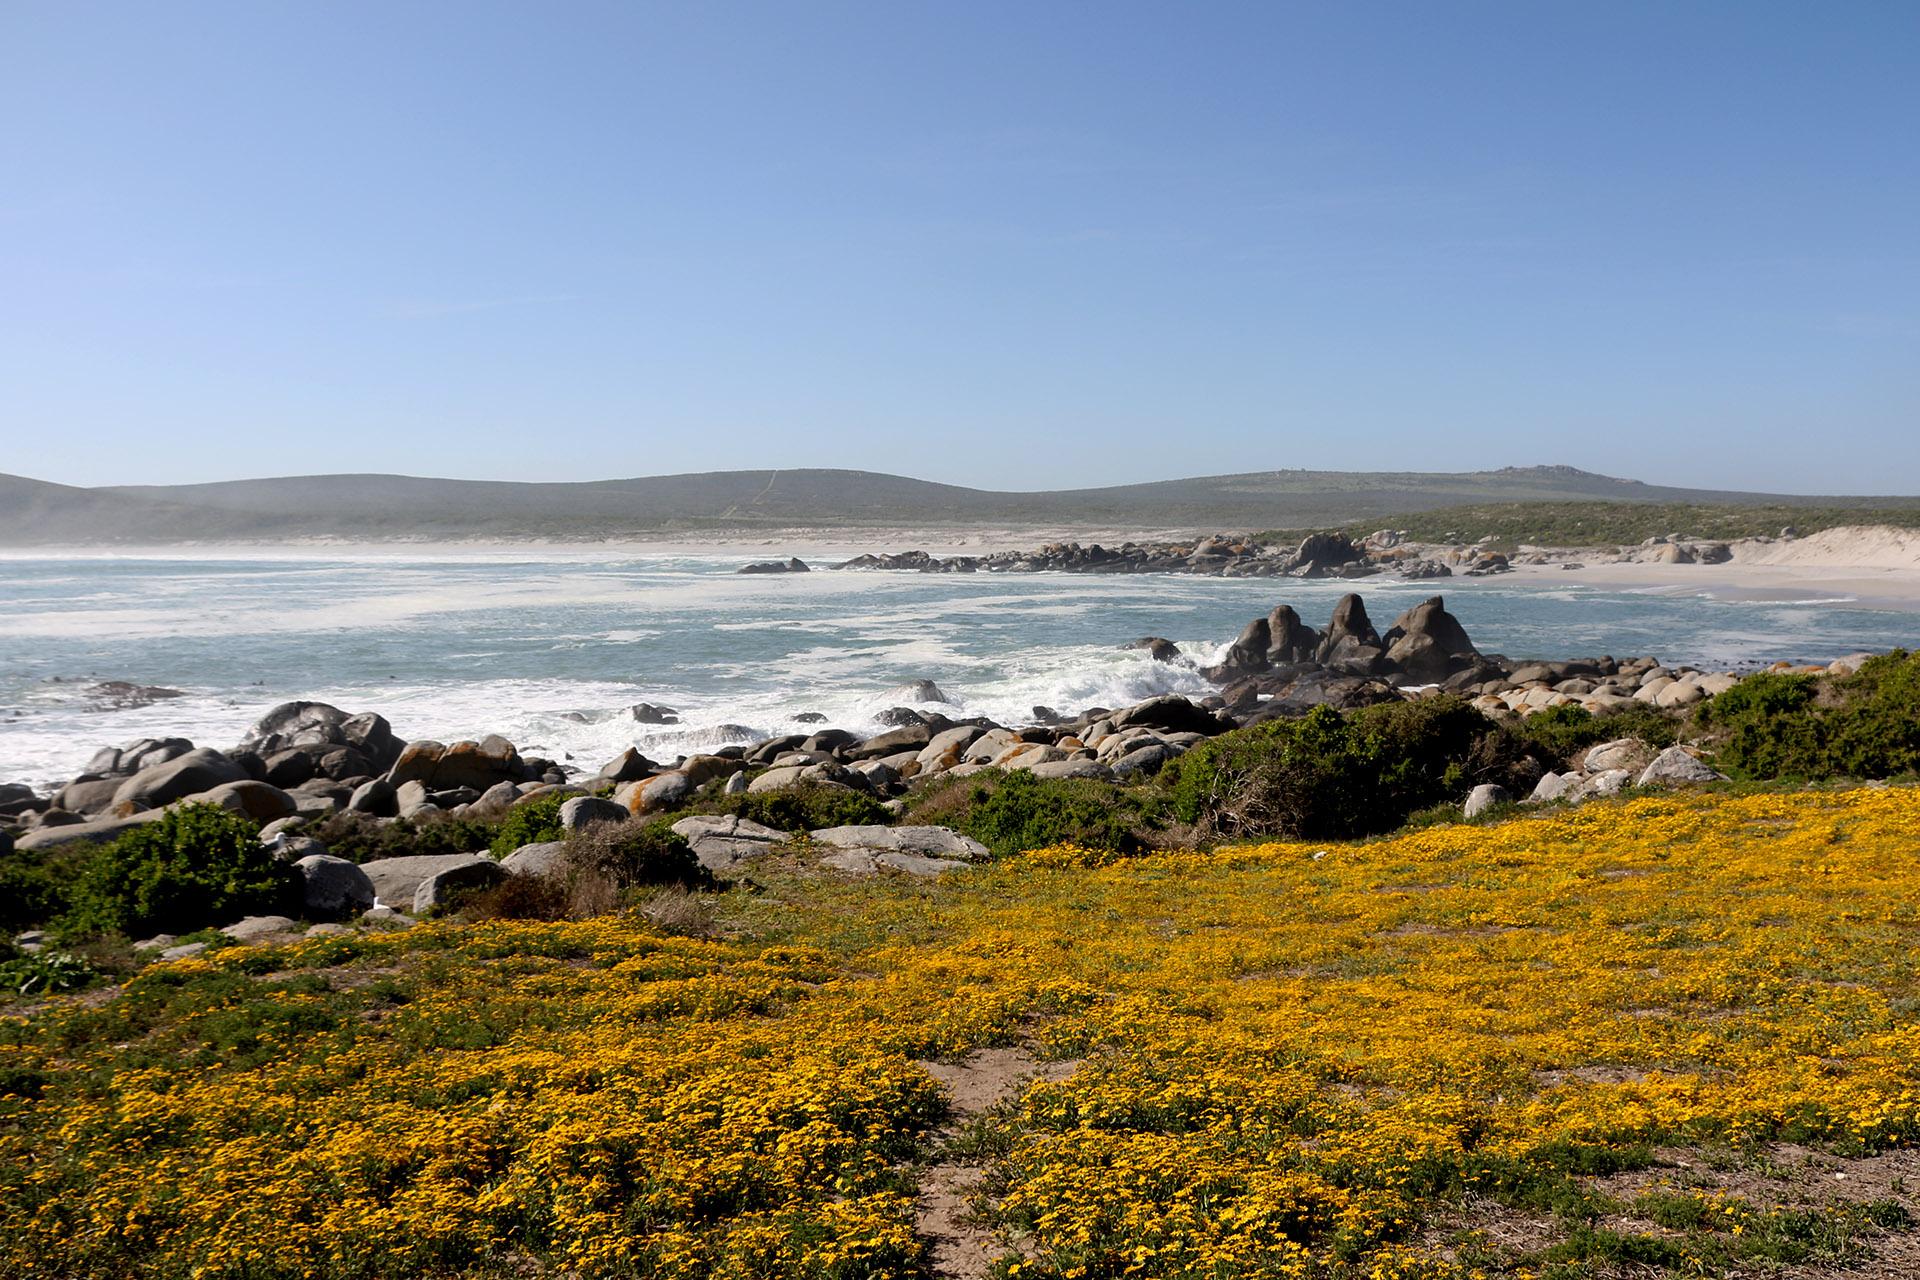 SUDAFRICA Deserto fiorito e balene